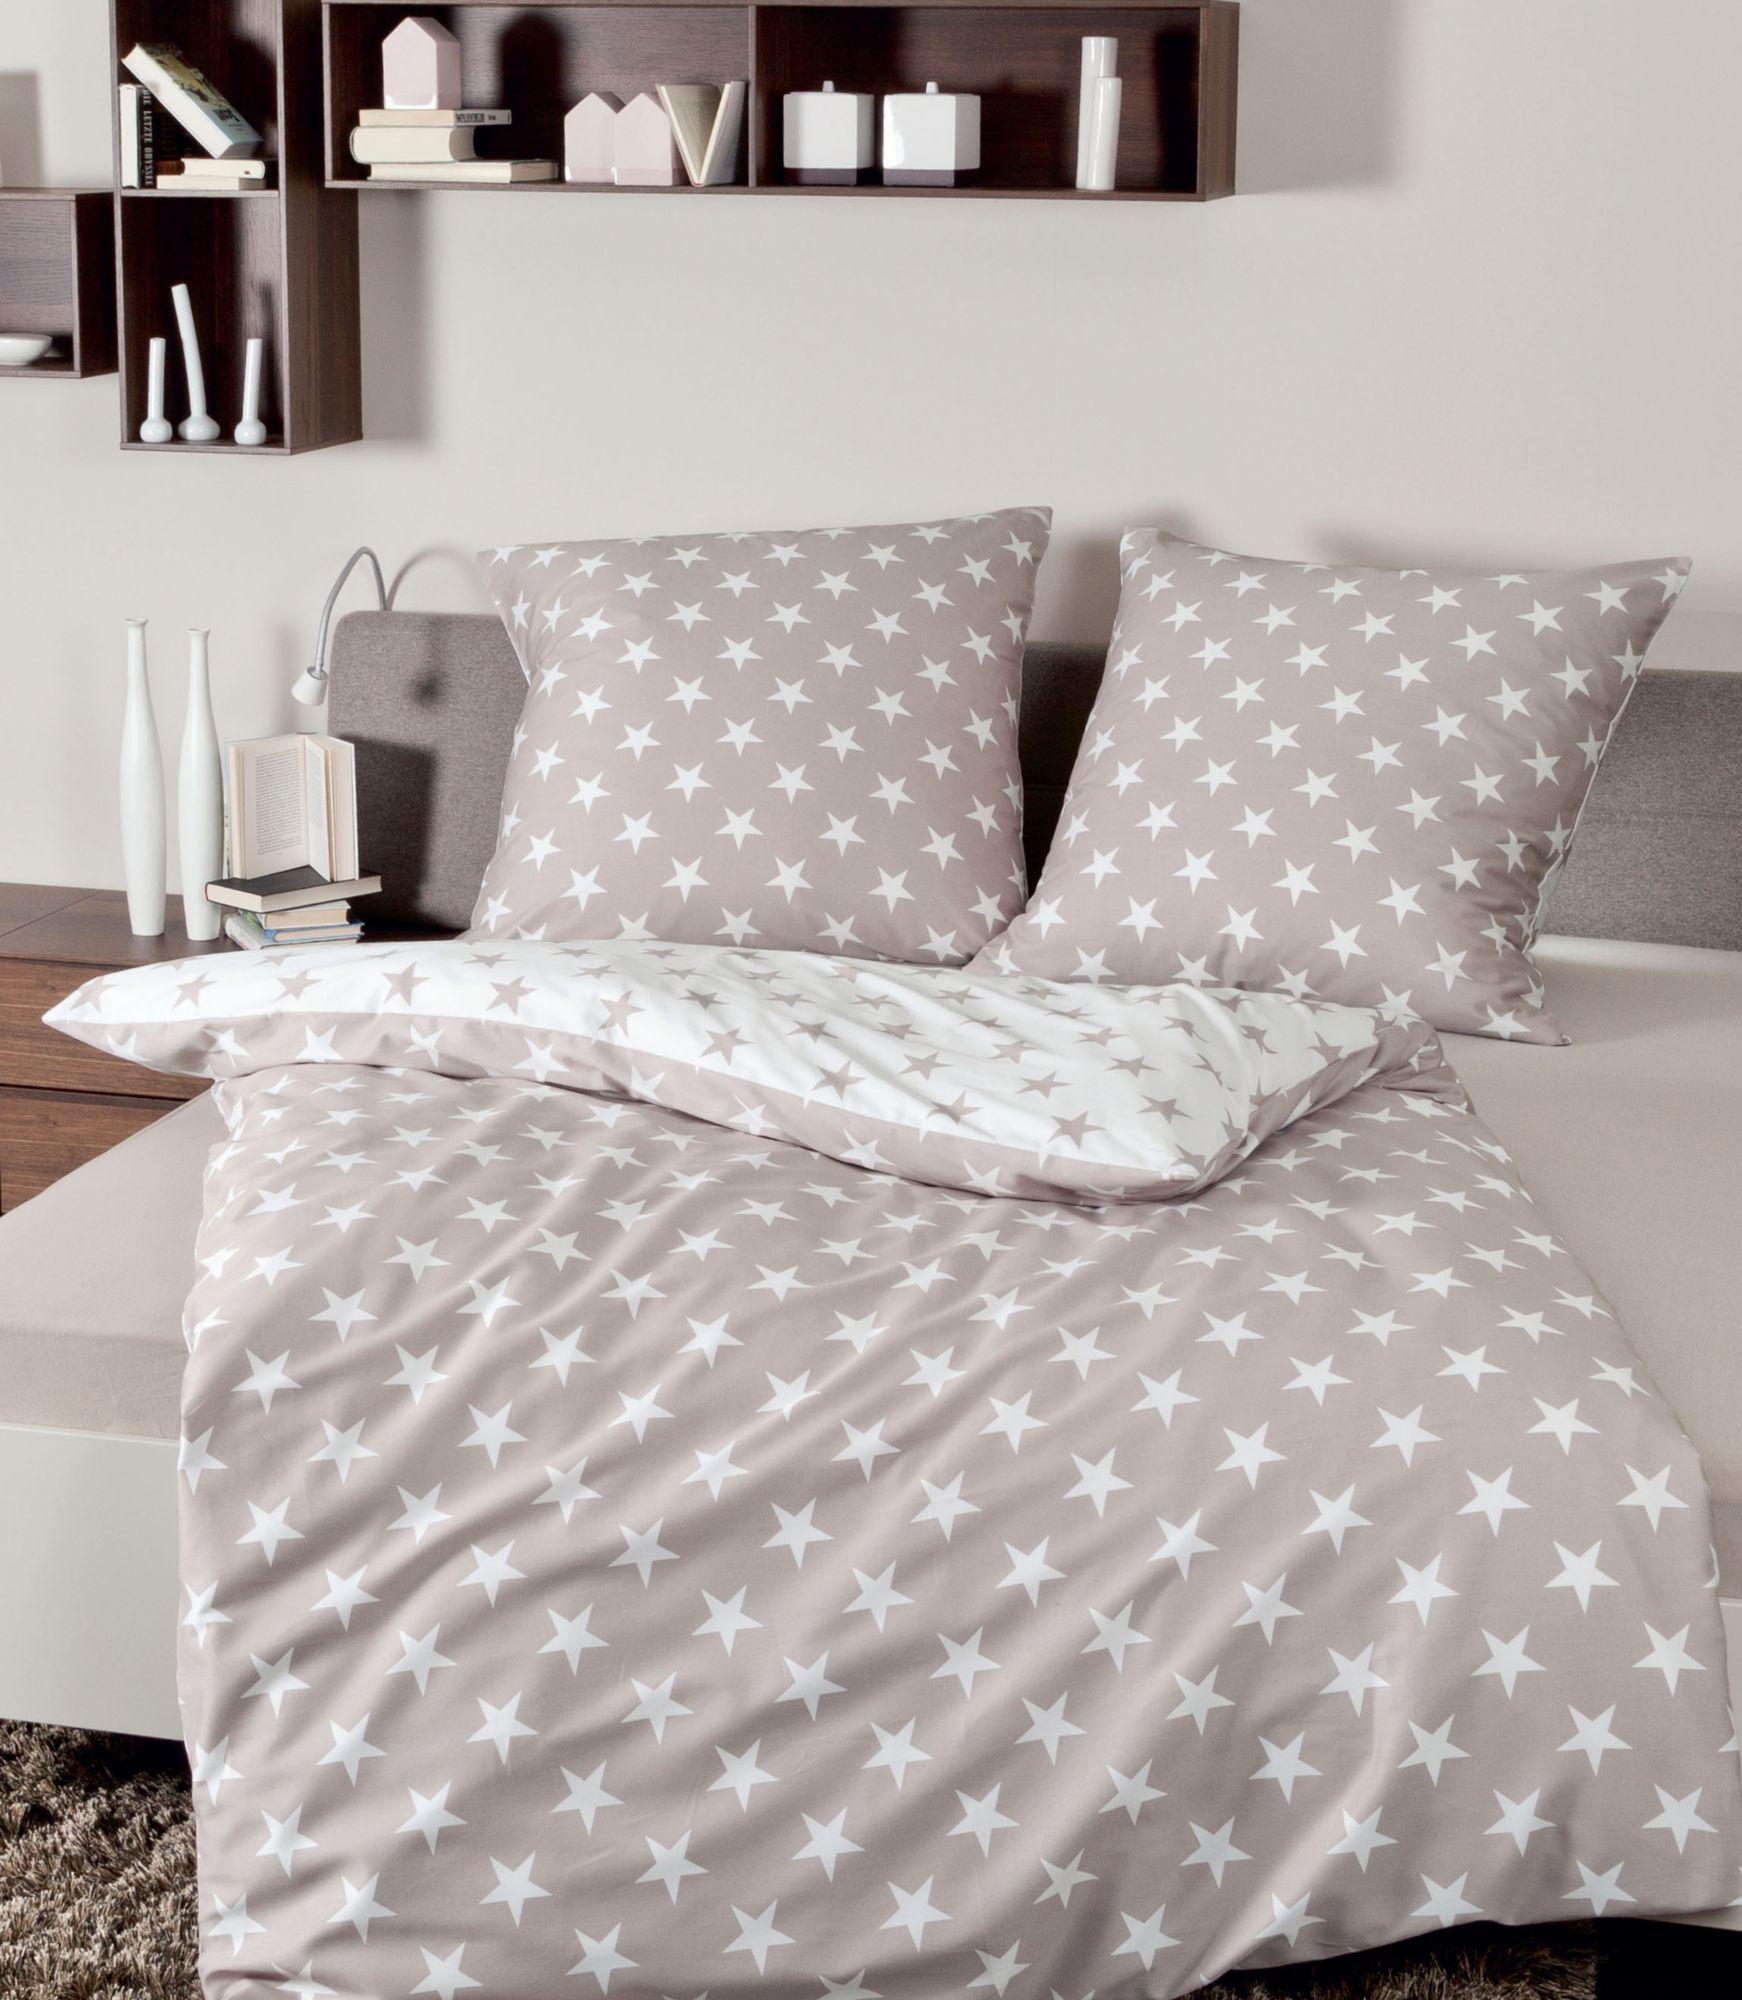 bettw sche janine sterne mit wendeseite schwab versand bettw sche 200x200 cm. Black Bedroom Furniture Sets. Home Design Ideas